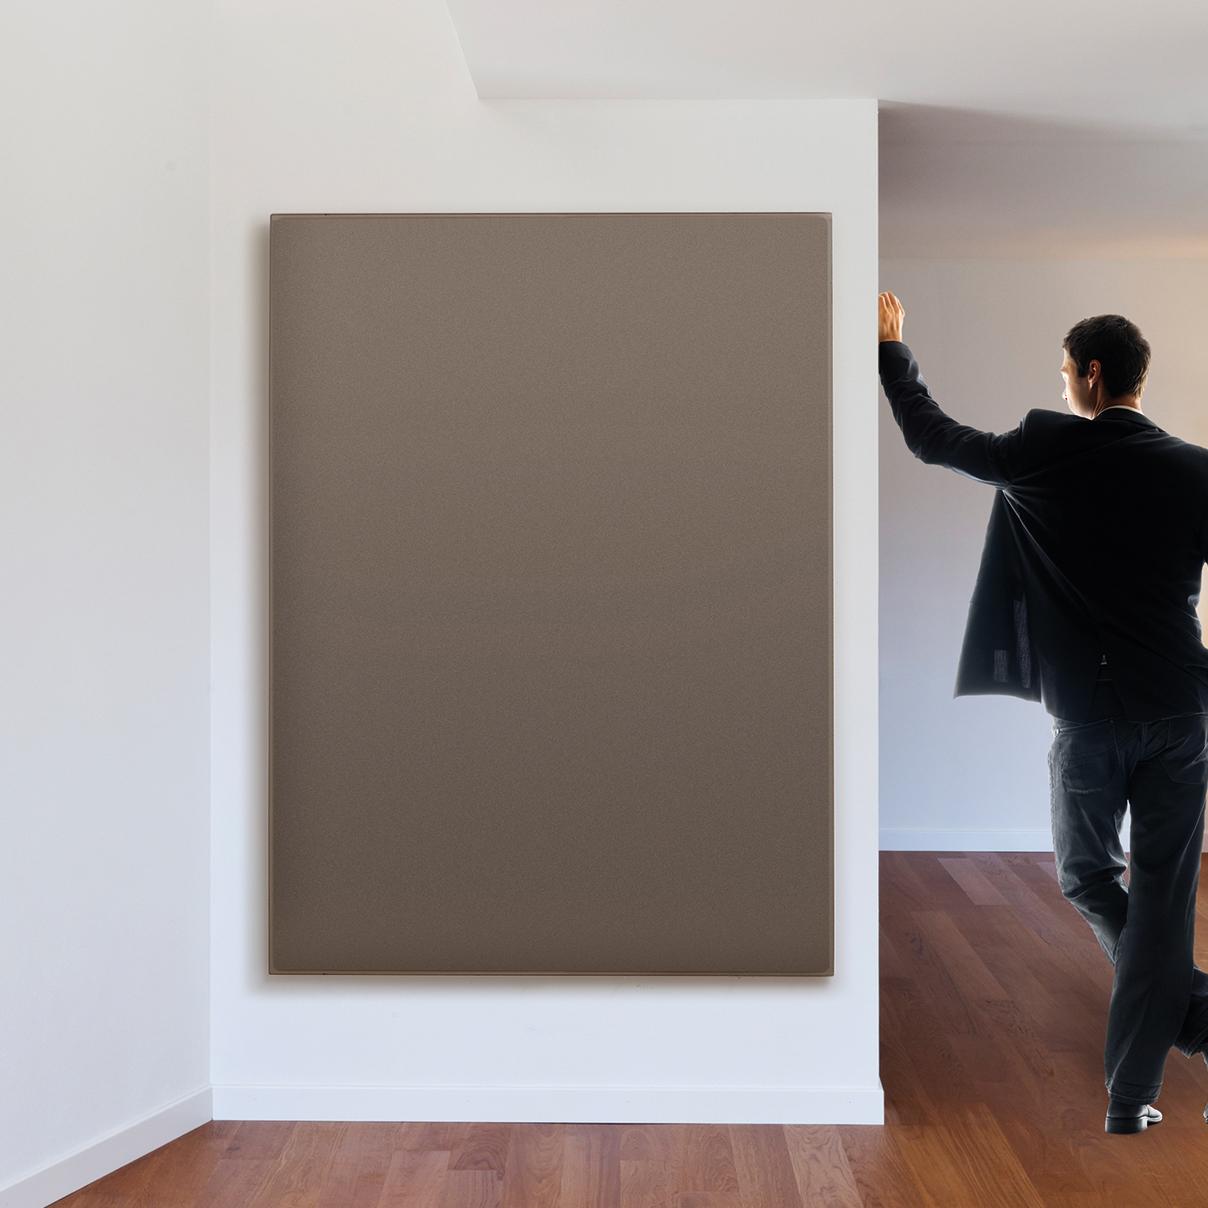 CAIMI Caimi Oversize Wall - Gamme de panneaux acoustiques muraux